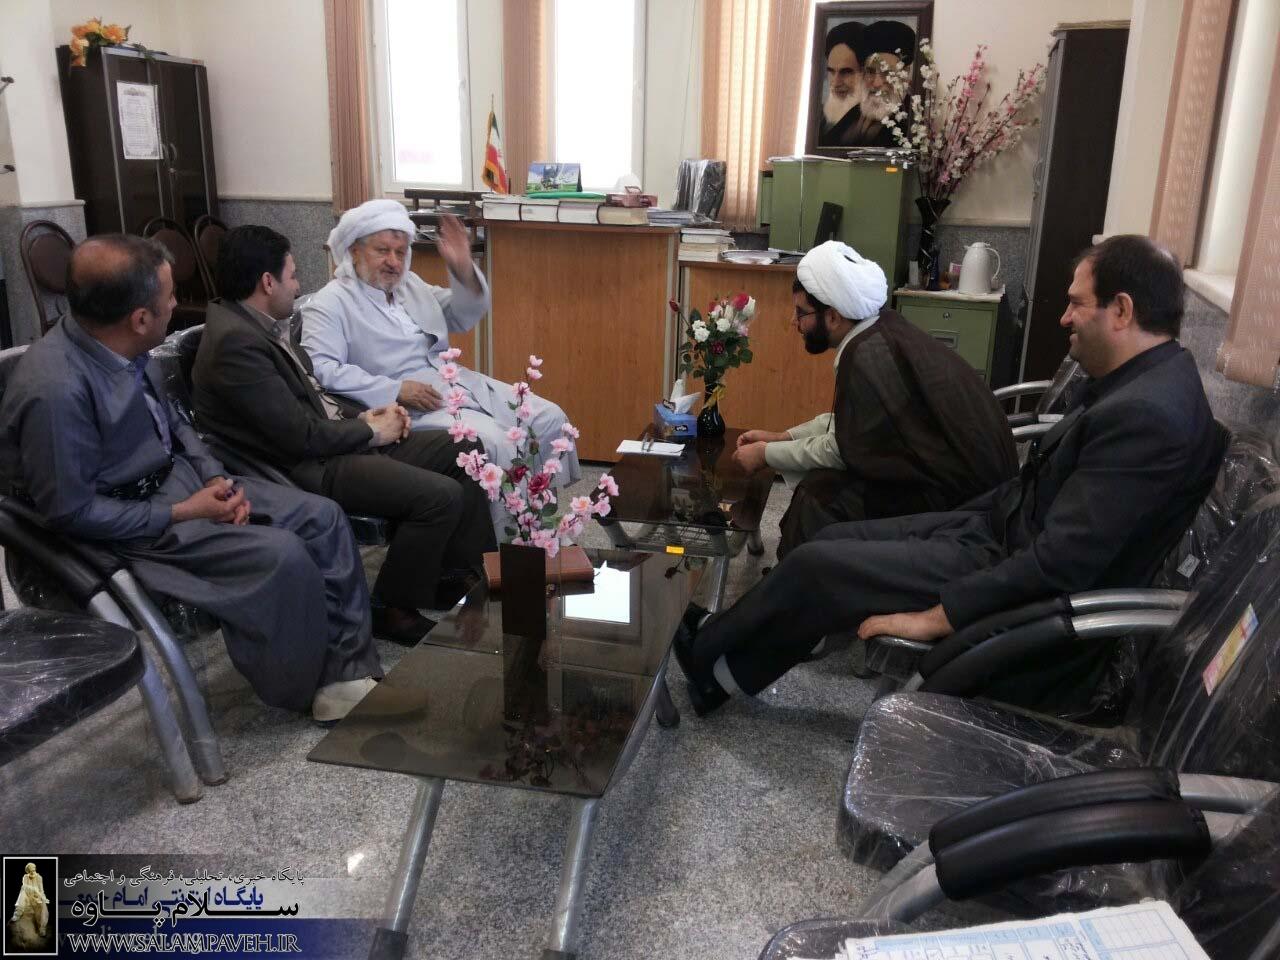 مدیر کل دامپزشکی استان